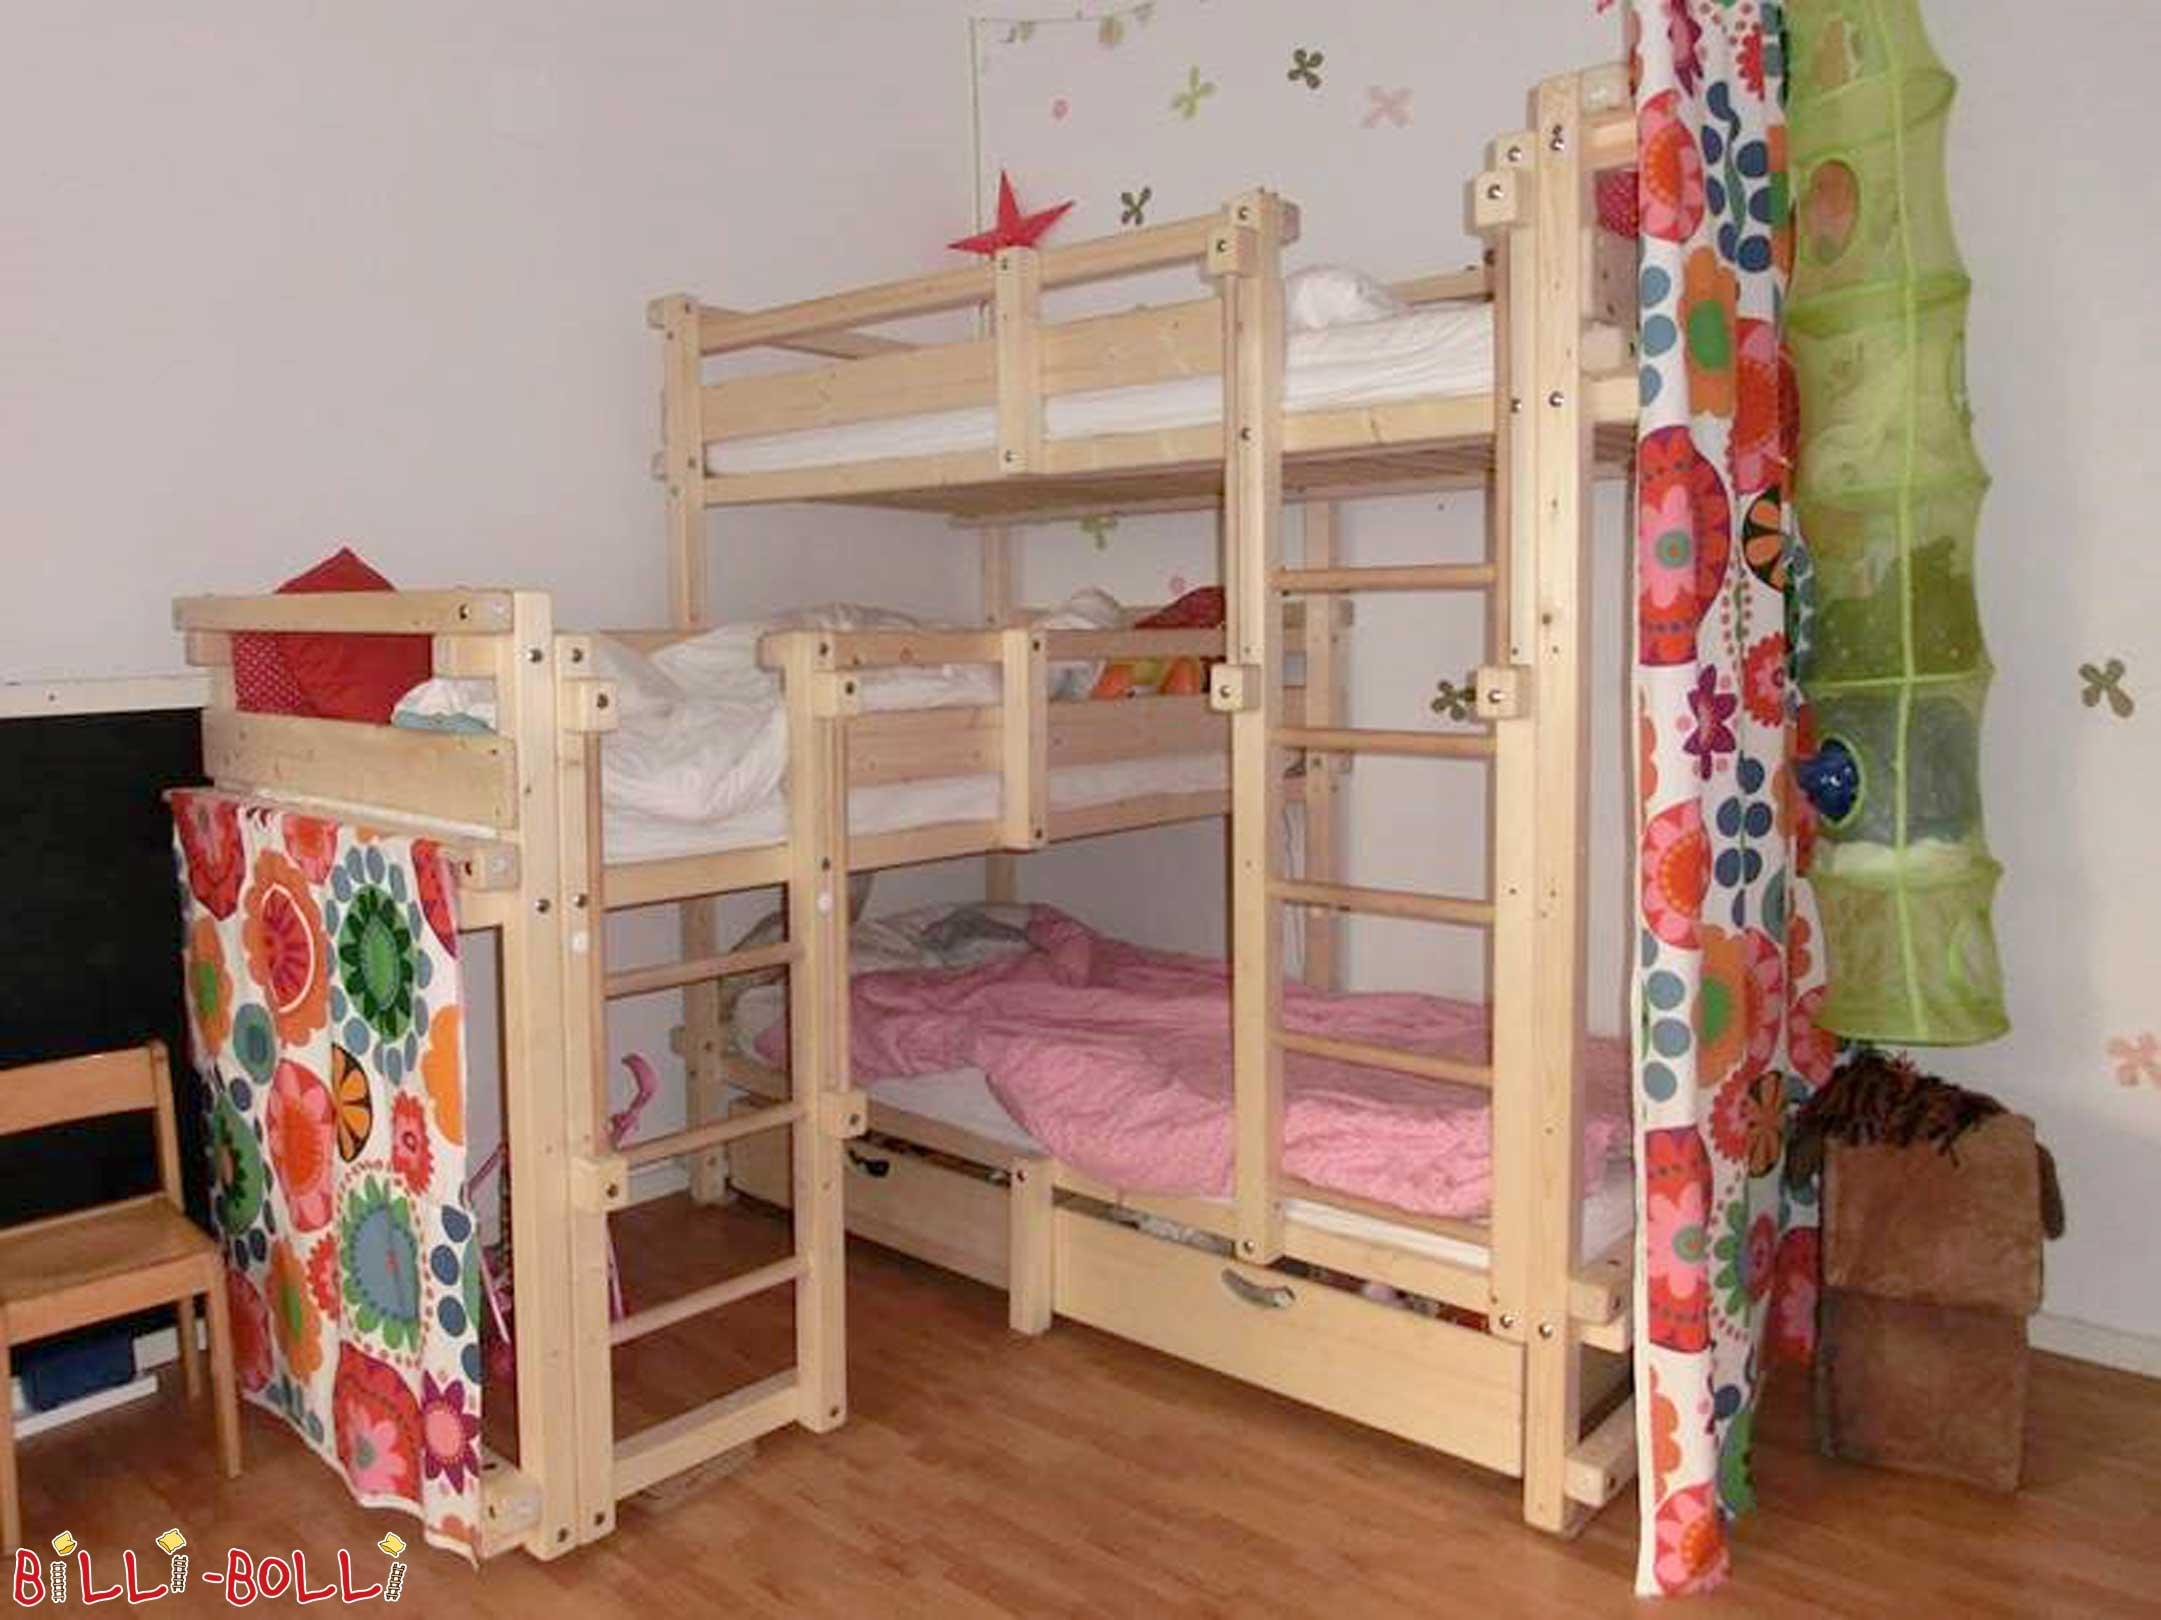 Etagenbett Drei Betten : Kinderbabybett etagenbett für drei personen